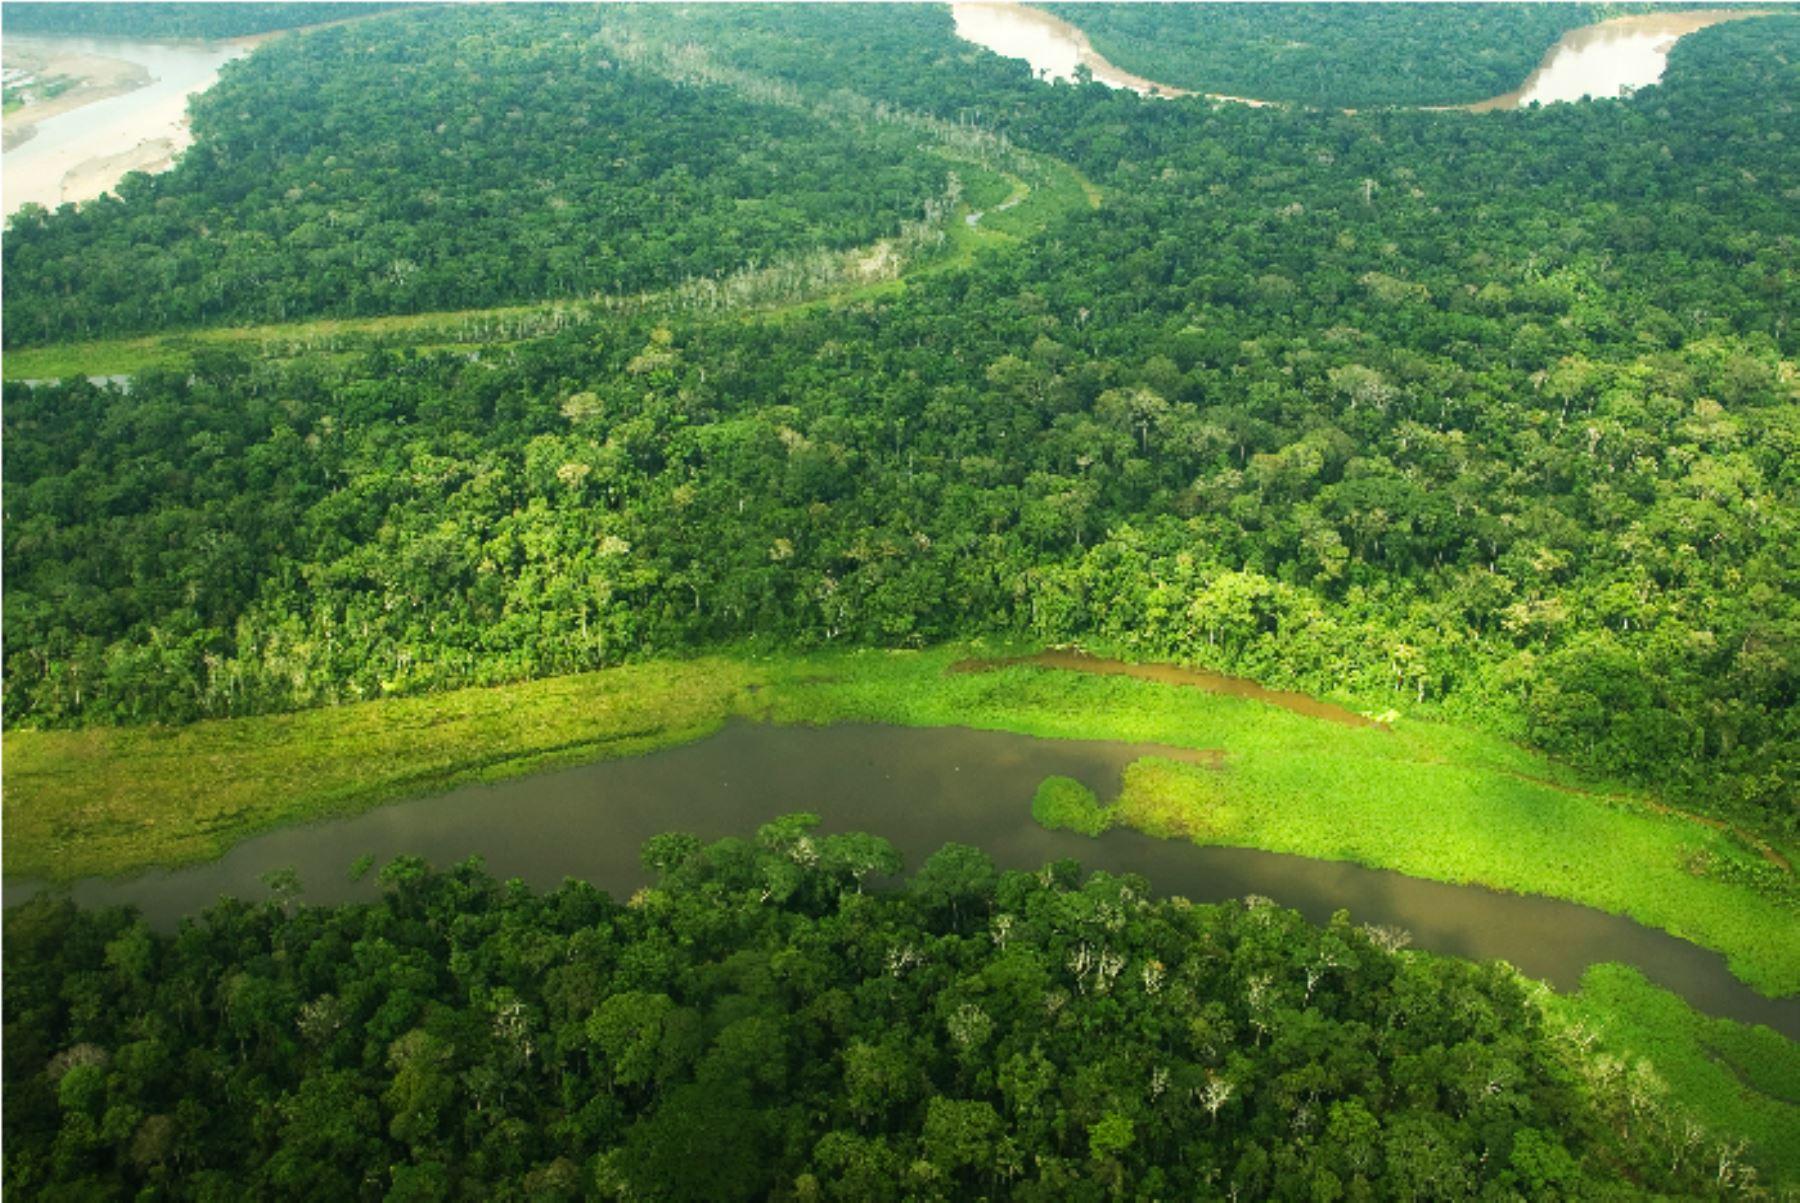 walter-martos-anuncio-inversion-de-s6000-millones-en-800-proyectos-en-la-amazonianbsp